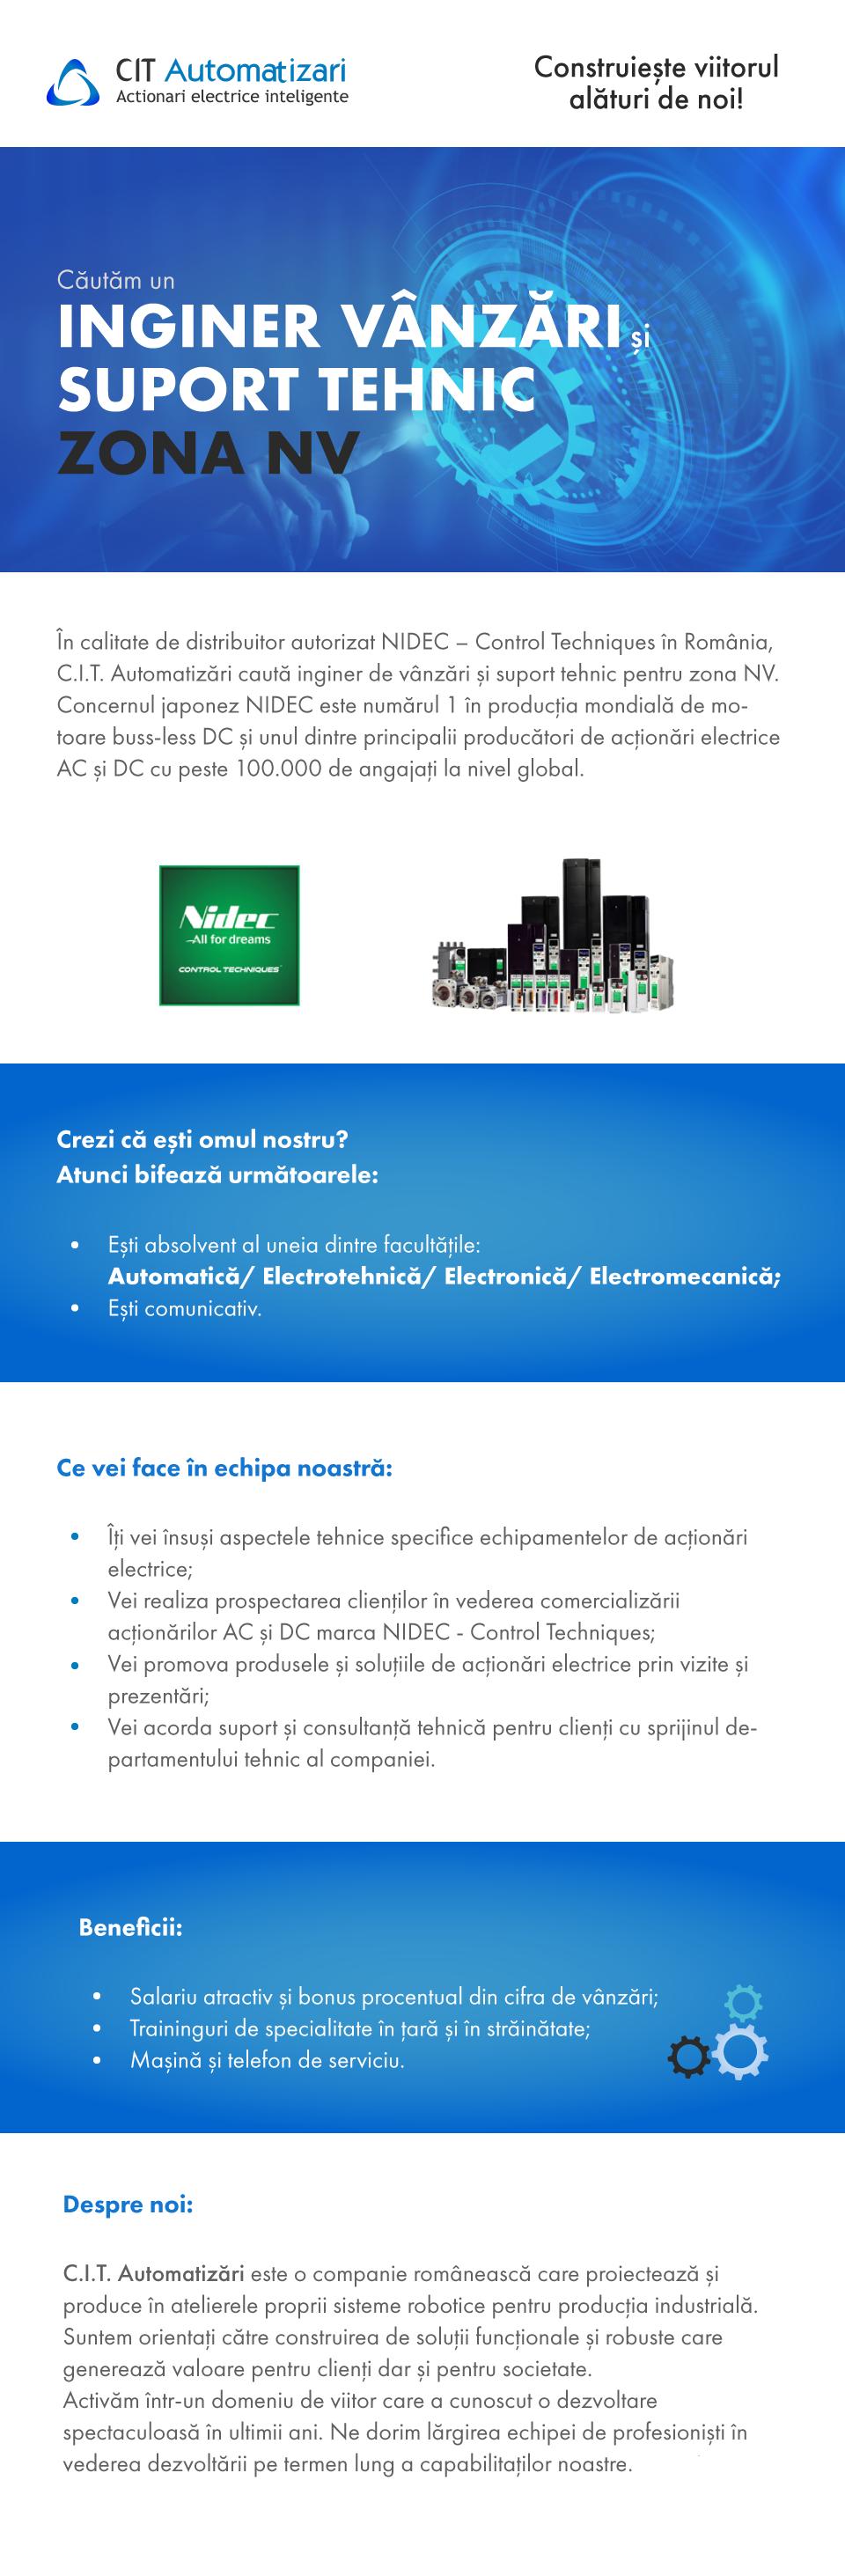 Inginer Vanzari si Suport Tehnic zona NV   In calitate de distribuitor autorizat NIDEC – Control Techniques in Romania, C.I.T. Automatizari cauta inginer de Vanzari si suport tehnic pentru zona NV. Concernu japonez NIDEC este numarul 1 in productia mondiala de motoare busless DC si unul dintre principalii producatori de actionari electrice AC si DC cu peste 100.000 de angajati la nivel global.   Crezi ca esti omul nostru? Atunci bifeaza urmatoarele: Esti absolvent al uneia dintre facultatile: Automatica/ Electrotehnica/ Electronica/ Electromecanic Esti comunicativ  Ce vei face in echima noastra: - Iti vei insusi aspectele tehnice specifice echipamentelor de actionari electrice; - Vei realiza prospetarea clientilor in vederea comercializarii actionarilor AC si DC marca NIDEC - Control Techniques; - Vei promovarea produsele si solutiile de actionari electrice prin vizite si prezentari; - Vei acorda prompt suport si consultanta tehnica pentru clienti cu sprijinul departamentului tehnic al companiei.   Beneficii: - Salariu atractiv si bonus procentual din cifra de vanzari; - Traininguri de specialitate in tara si in strainatate; - Masina si telefon de serviciu.     Inginer Vanzari si Suport Tehnic zona NV   In calitate de distribuitor autorizat NIDEC – Control Techniques in Romania, C.I.T. Automatizari cauta inginer de Vanzari si suport tehnic pentru zona NV. Concernu japonez NIDEC este numarul 1 in productia mondiala de motoare busless DC si unul dintre principalii producatori de actionari electrice AC si DC cu peste 100.000 de angajati la nivel global.   Crezi ca esti omul nostru? Atunci bifeaza urmatoarele: Esti absolvent al uneia dintre facultatile: Automatica/ Electrotehnica/ Electronica/ Electromecanic Esti comunicativ  Ce vei face in echima noastra: - Iti vei insusi aspectele tehnice specifice echipamentelor de actionari electrice; - Vei realiza prospetarea clientilor in vederea comercializarii actionarilor AC si DC marca NIDEC - Control Techniques; - Vei promova